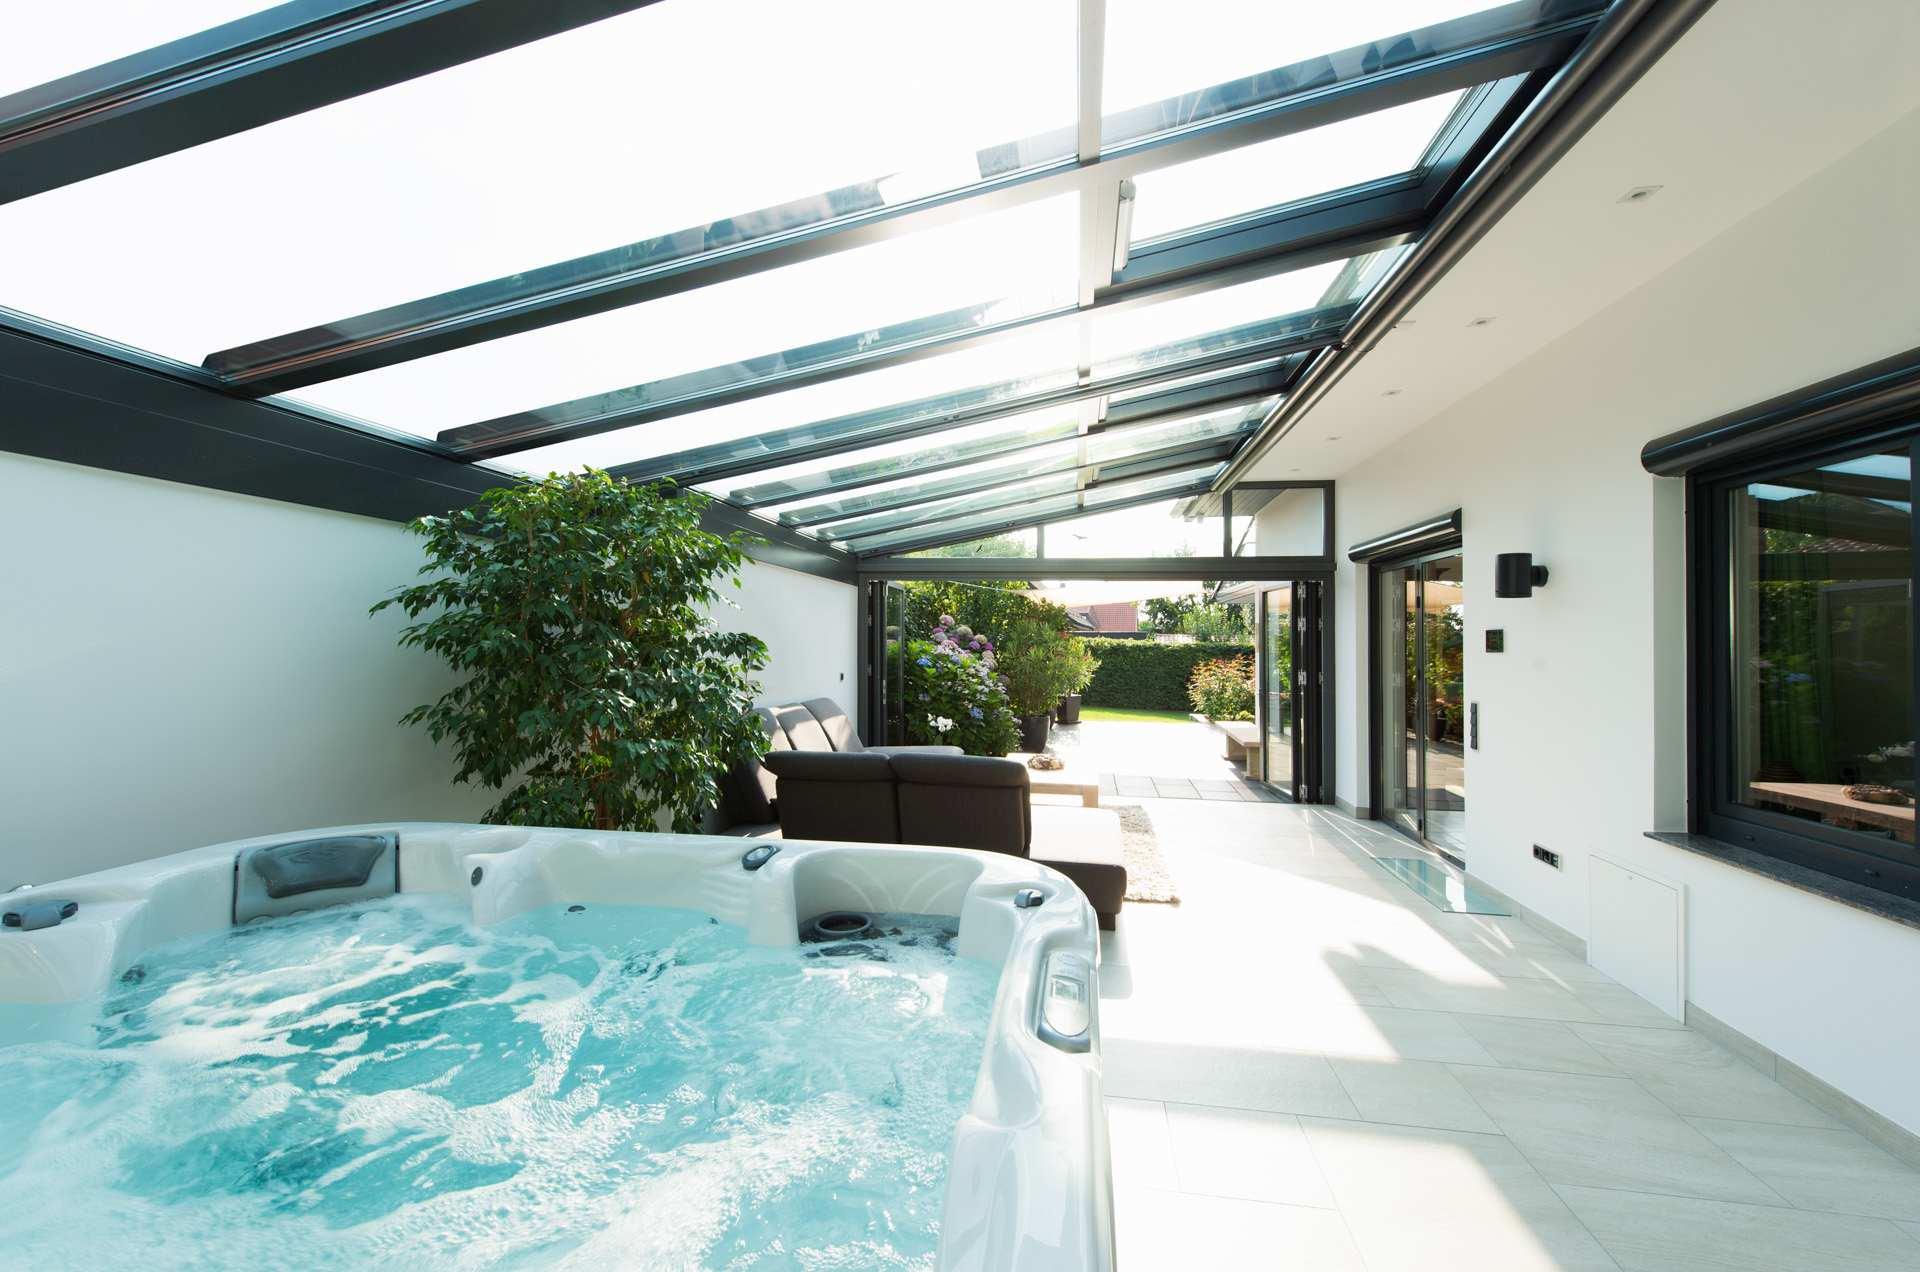 wintergarten schlingmann bauelemente gmbh. Black Bedroom Furniture Sets. Home Design Ideas